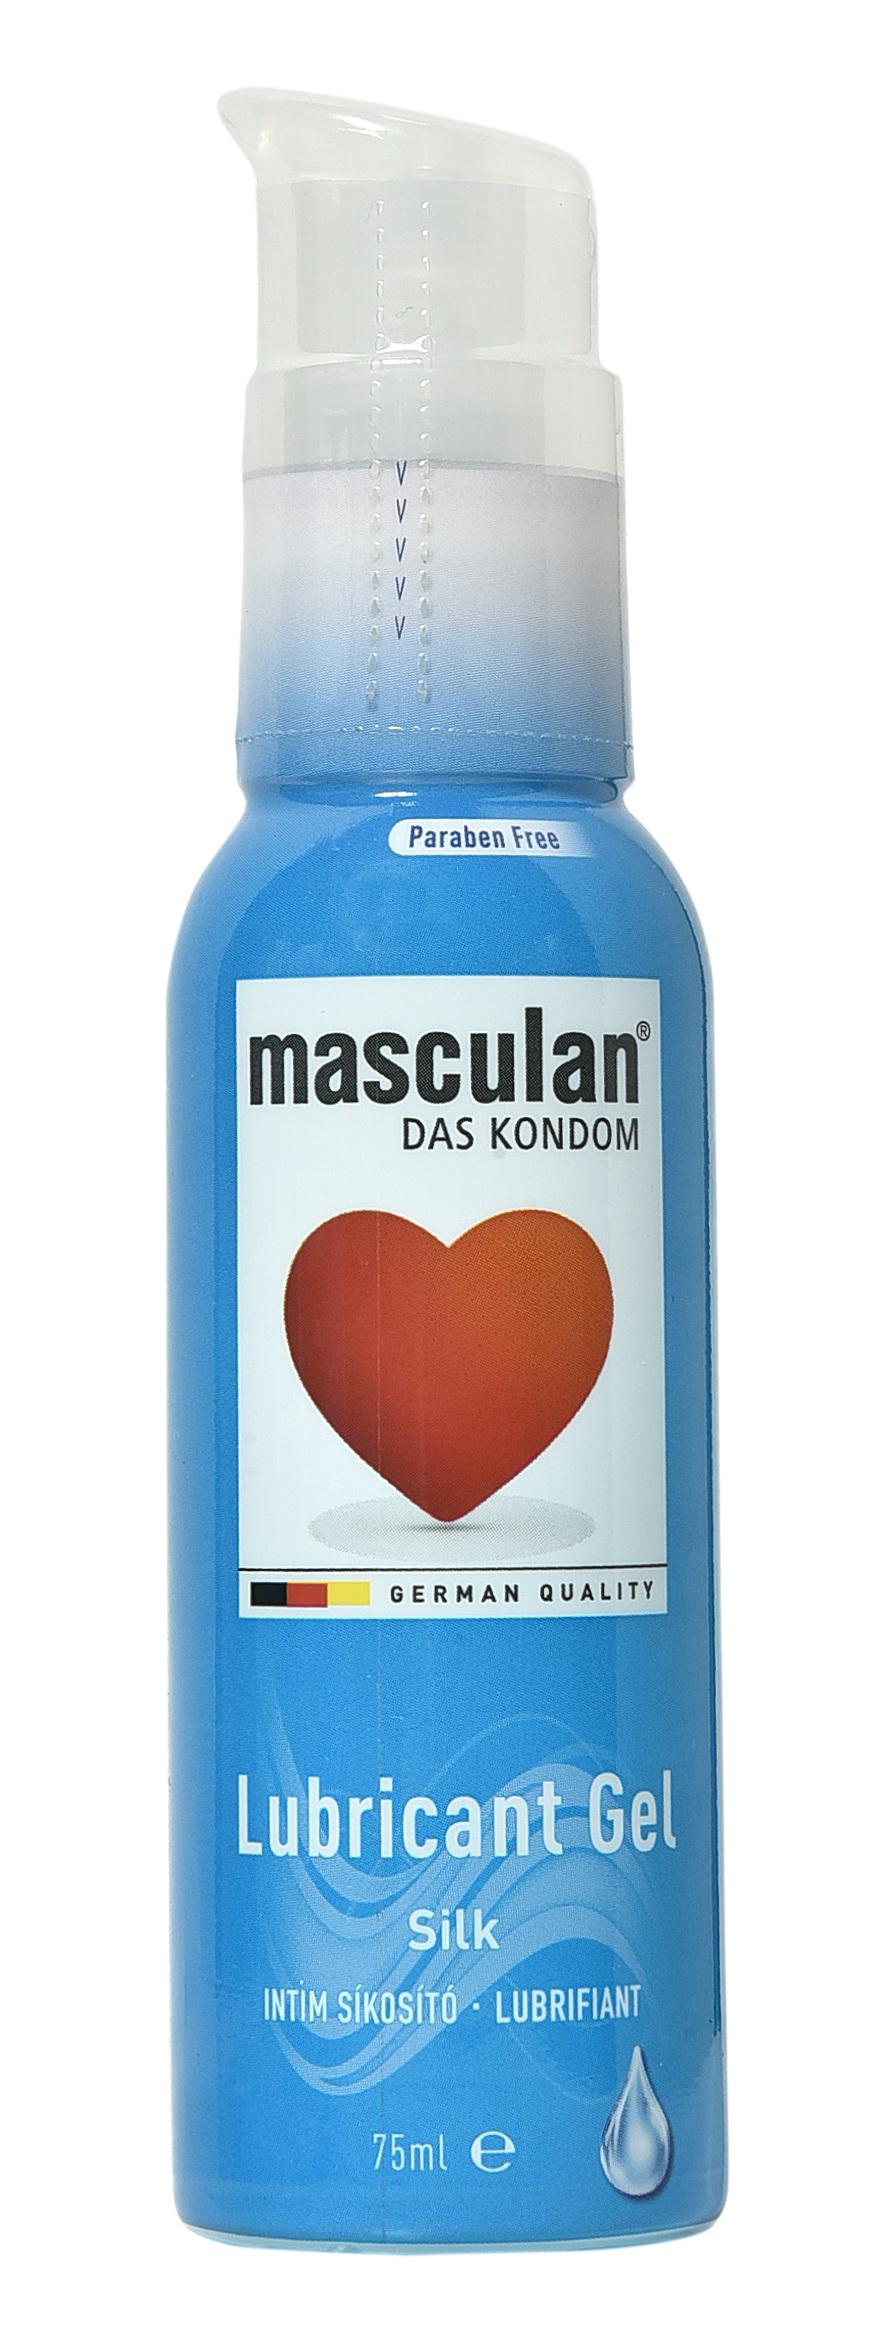 Masculan silk 75ml